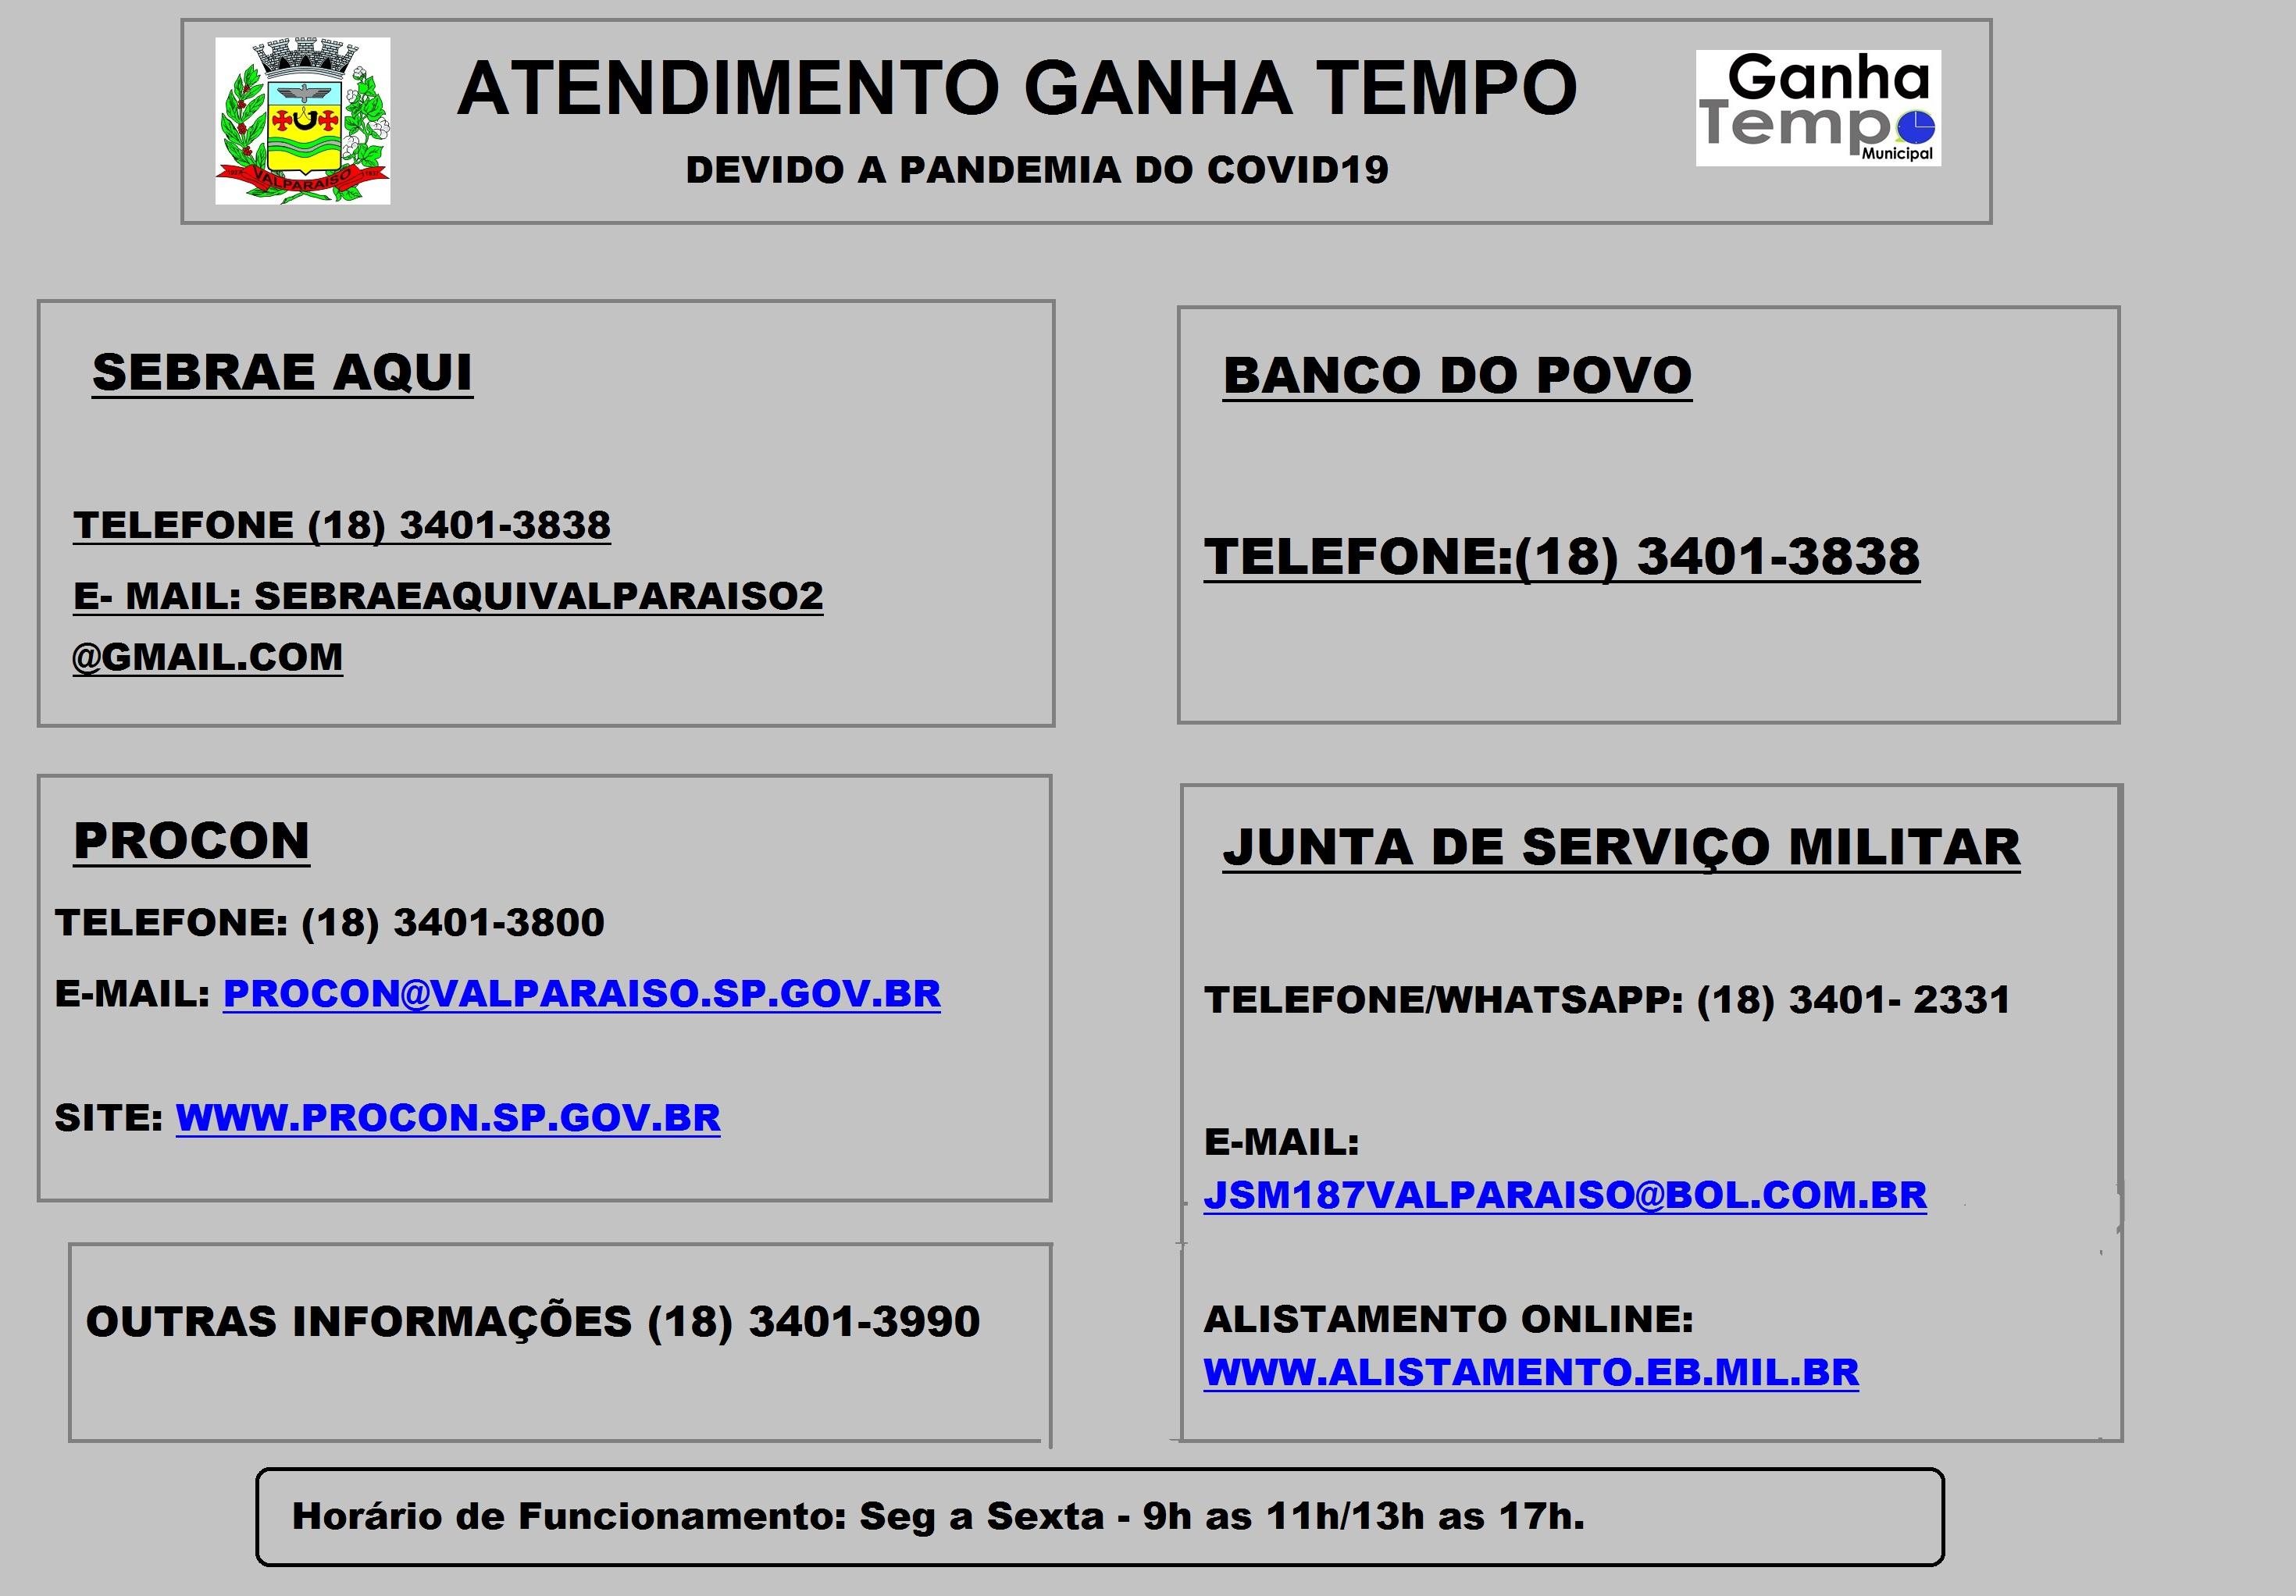 FUNCIONAMENTO DO GANHA TEMPO